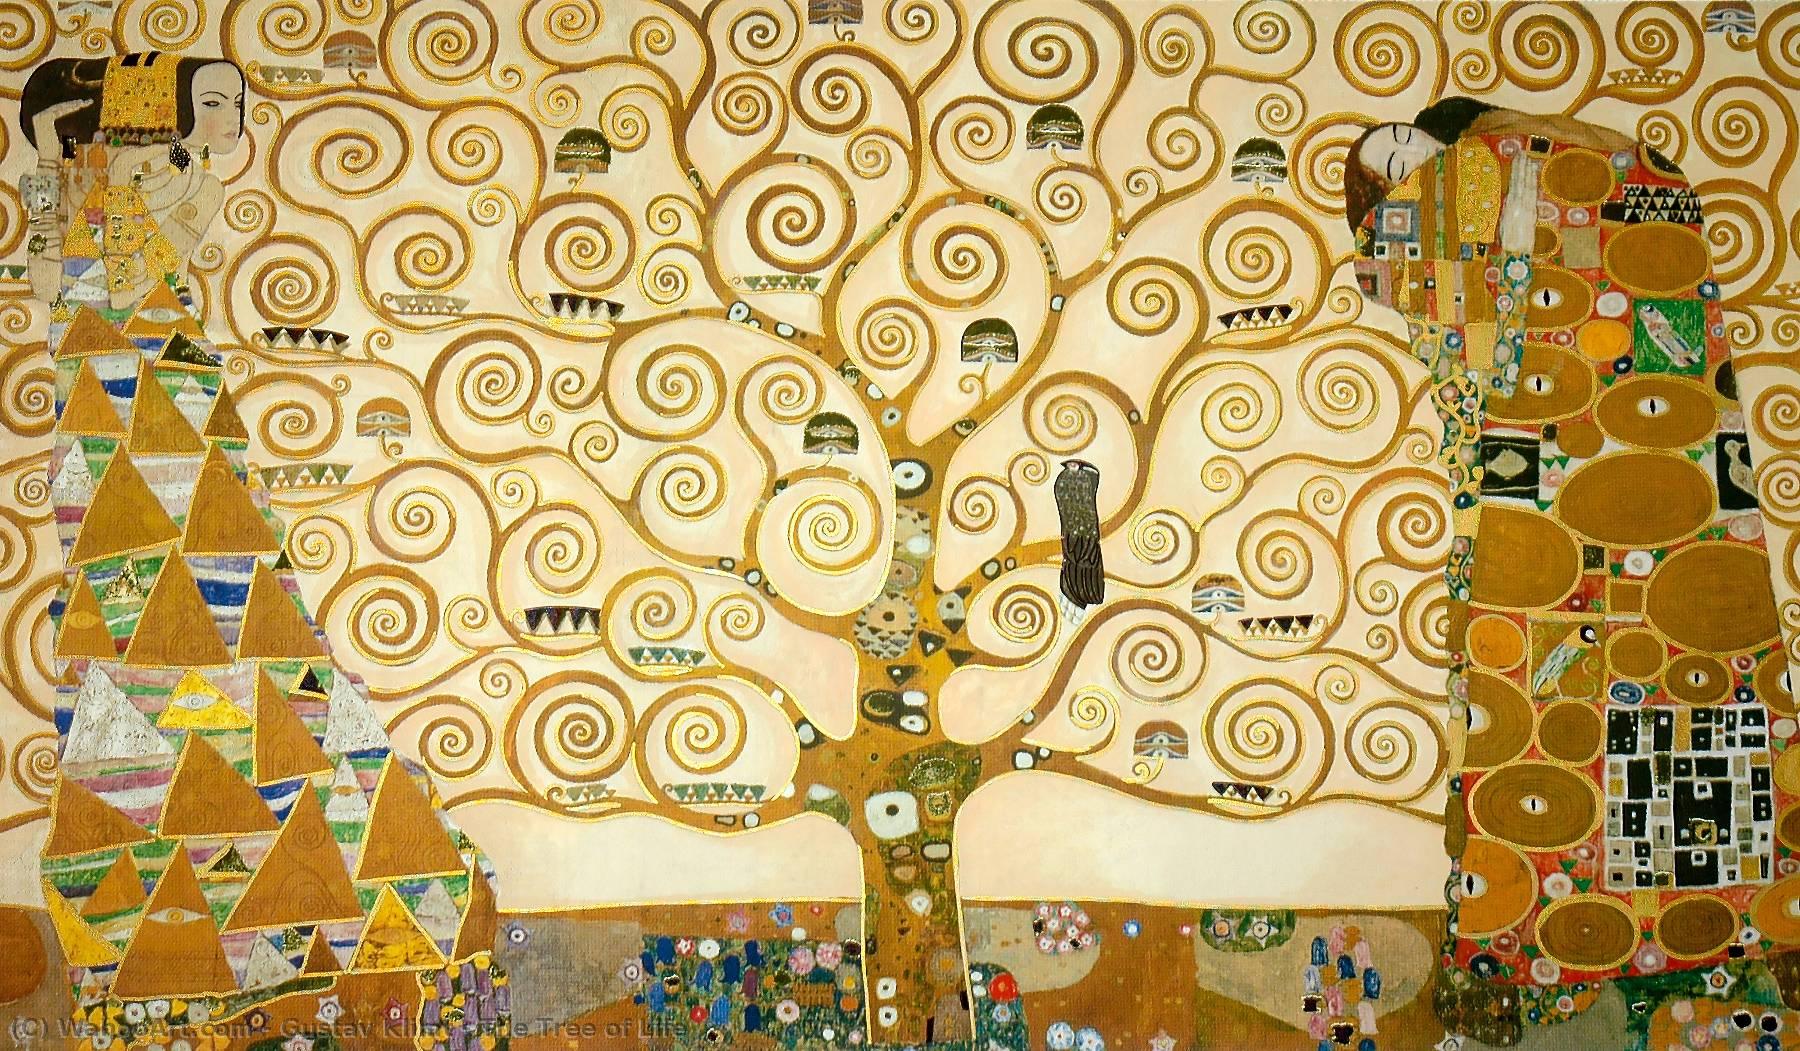 Klimt L Arbre De Vie Tableau le arbre de la vie de gustav klimt | reproductions de